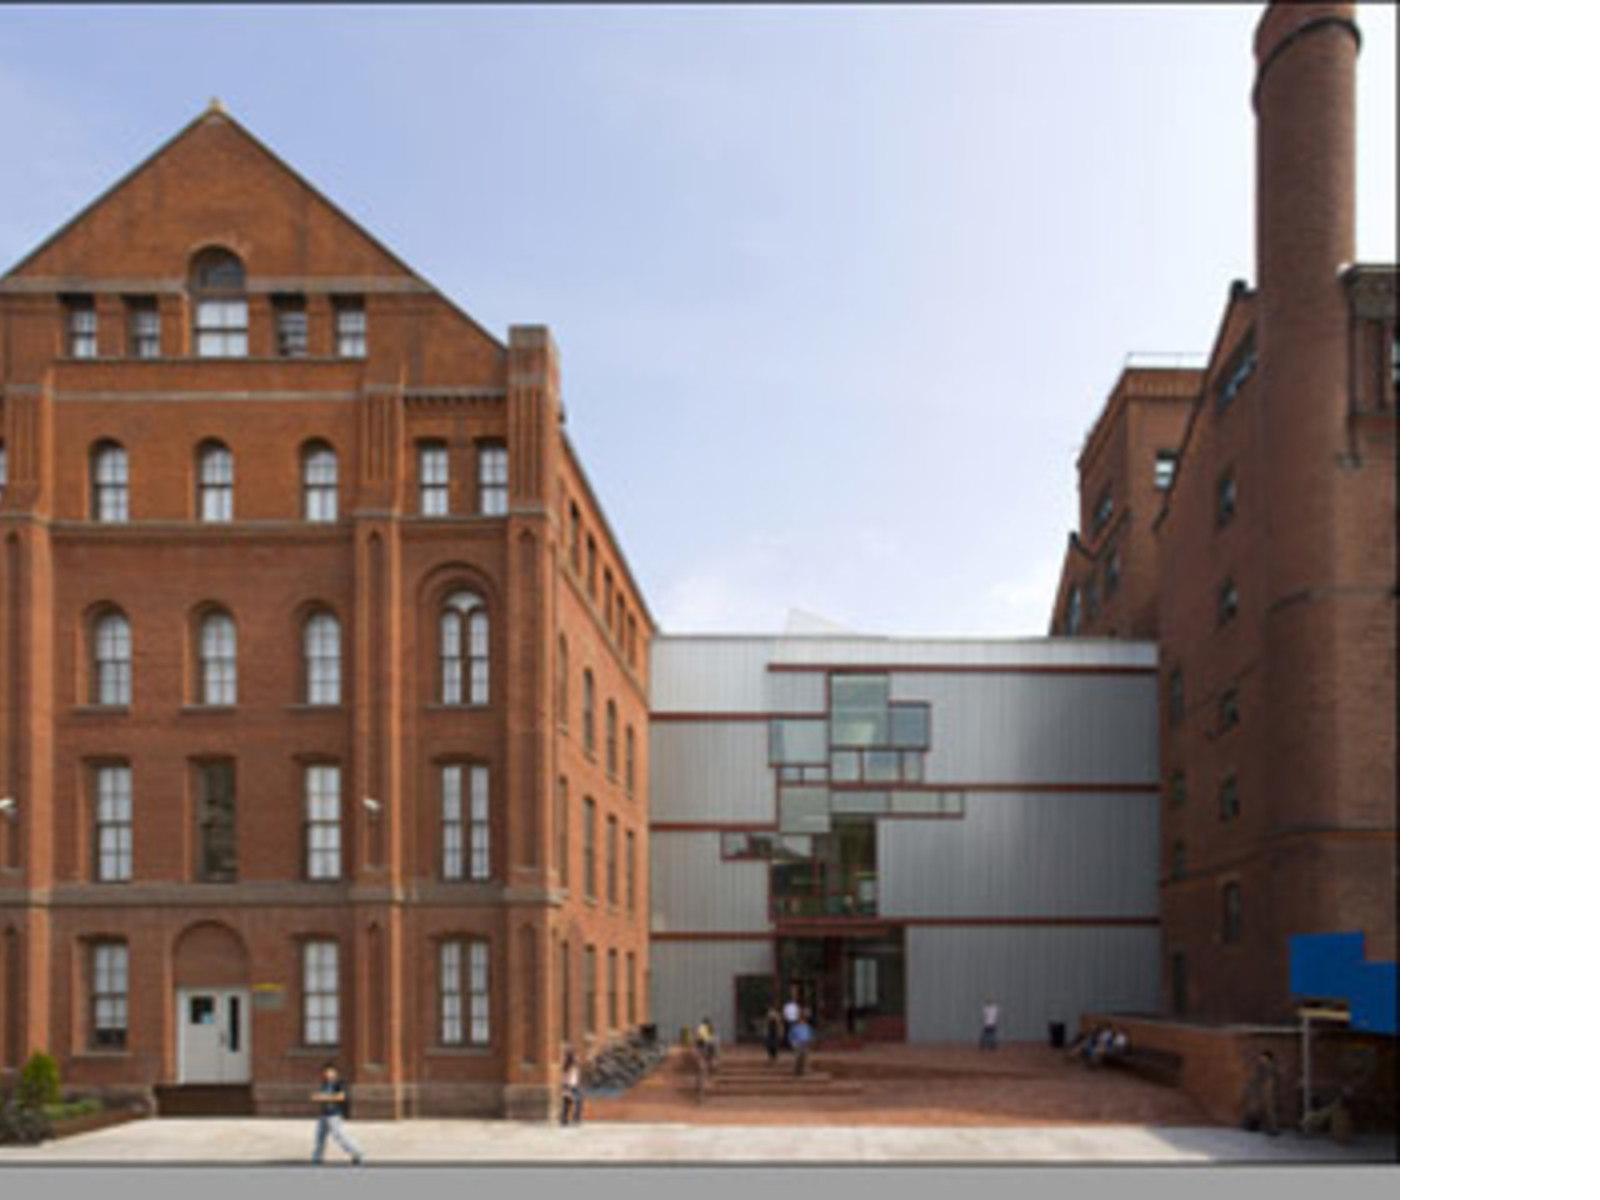 higgins hall pratt institute steven holl nueva york 2005